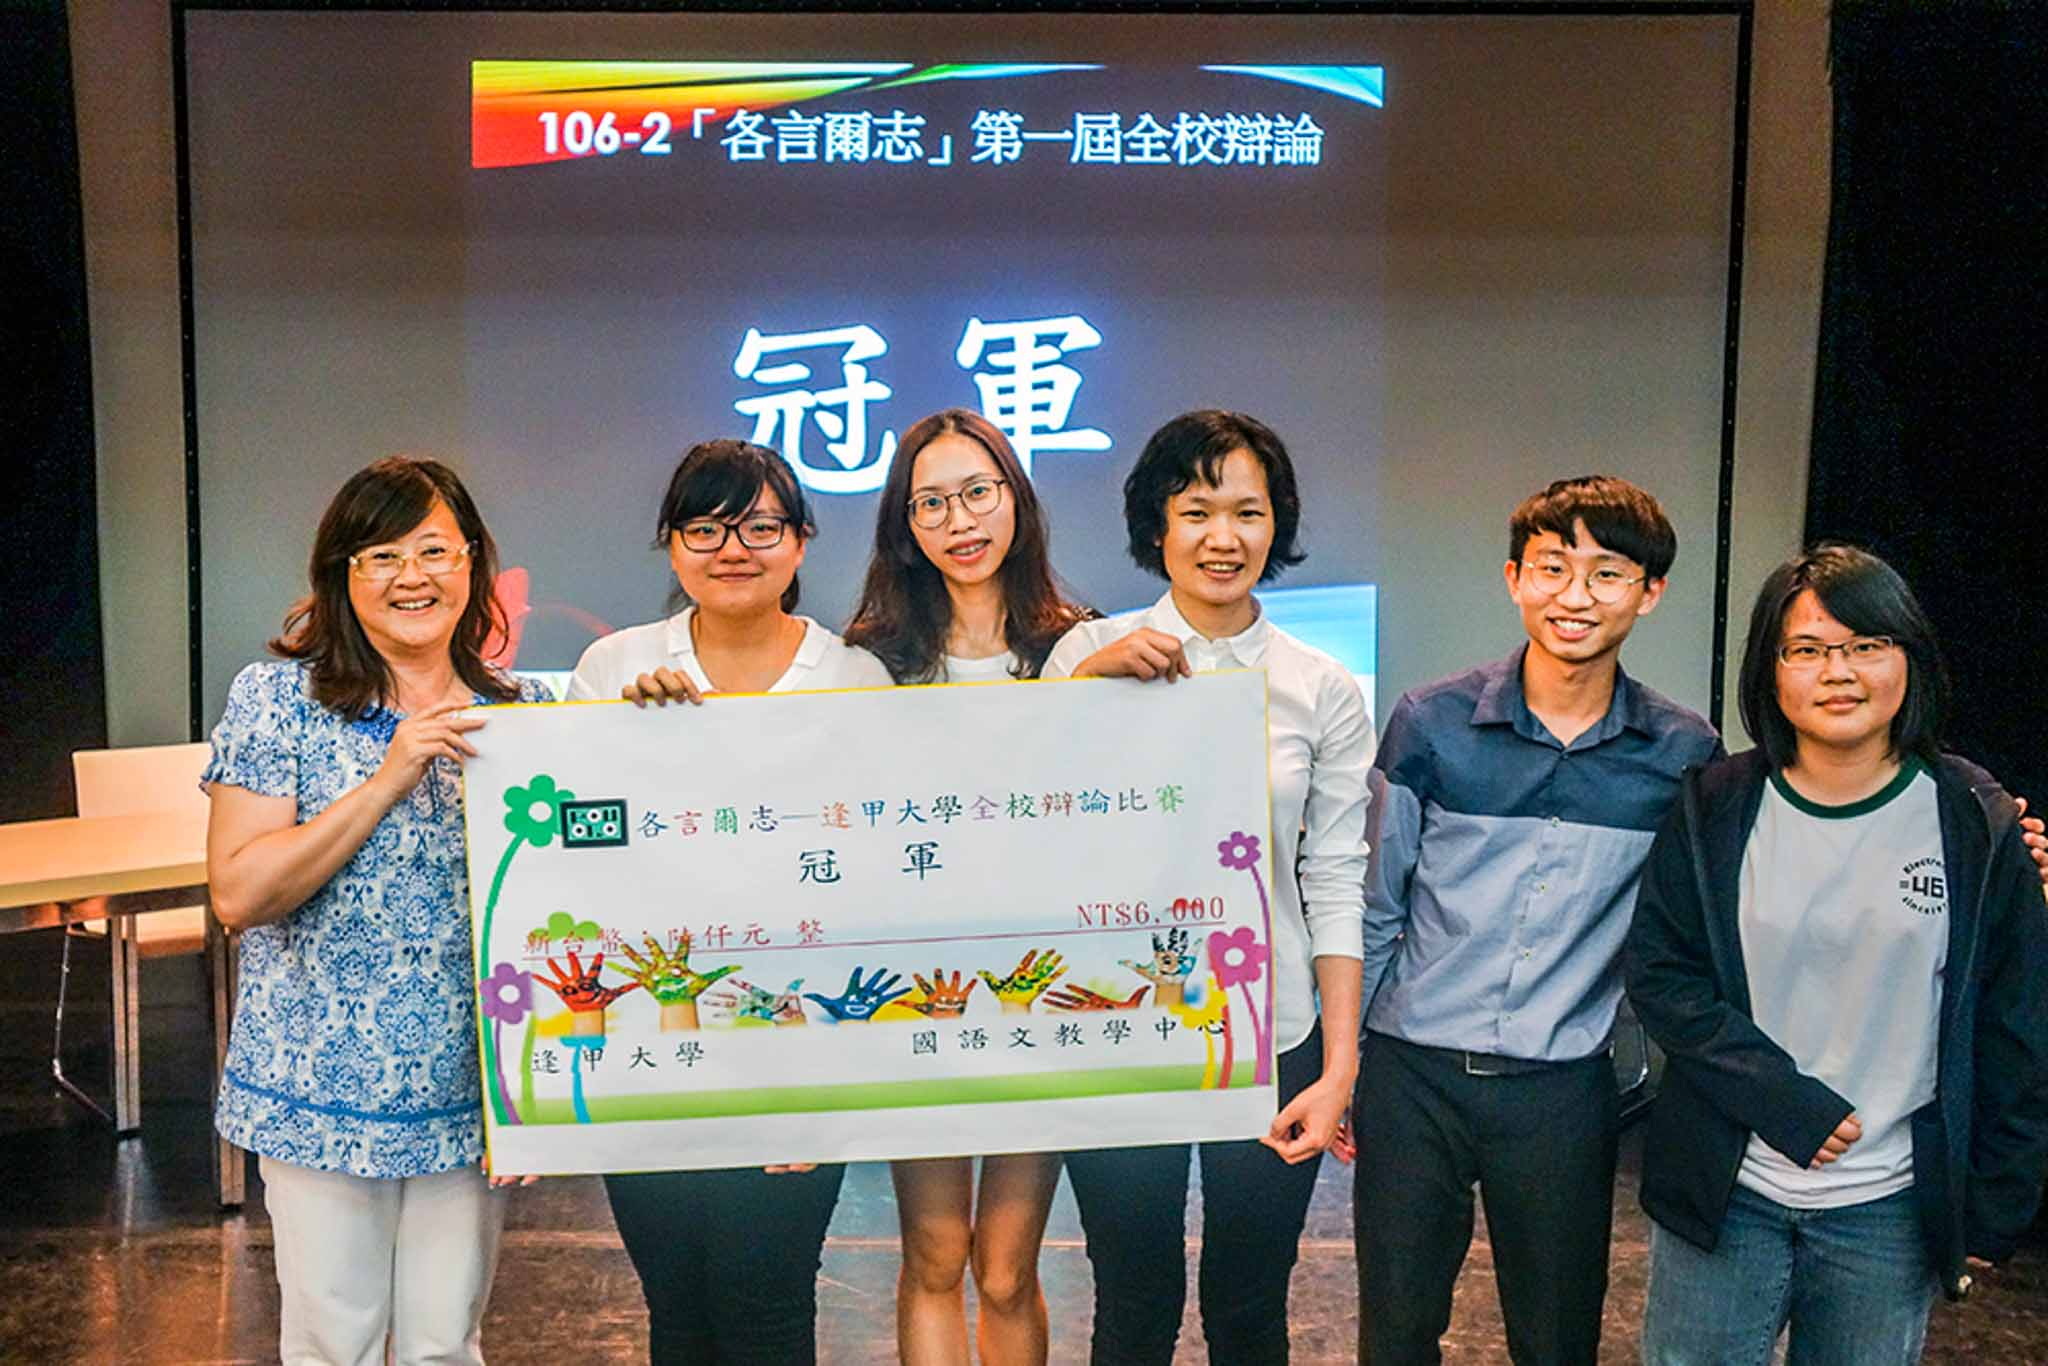 大學生愛分享_逢甲大學財稅學系陳昱如_各言爾志,讓我遇到了一群有想法、有目標的「強辯隊」